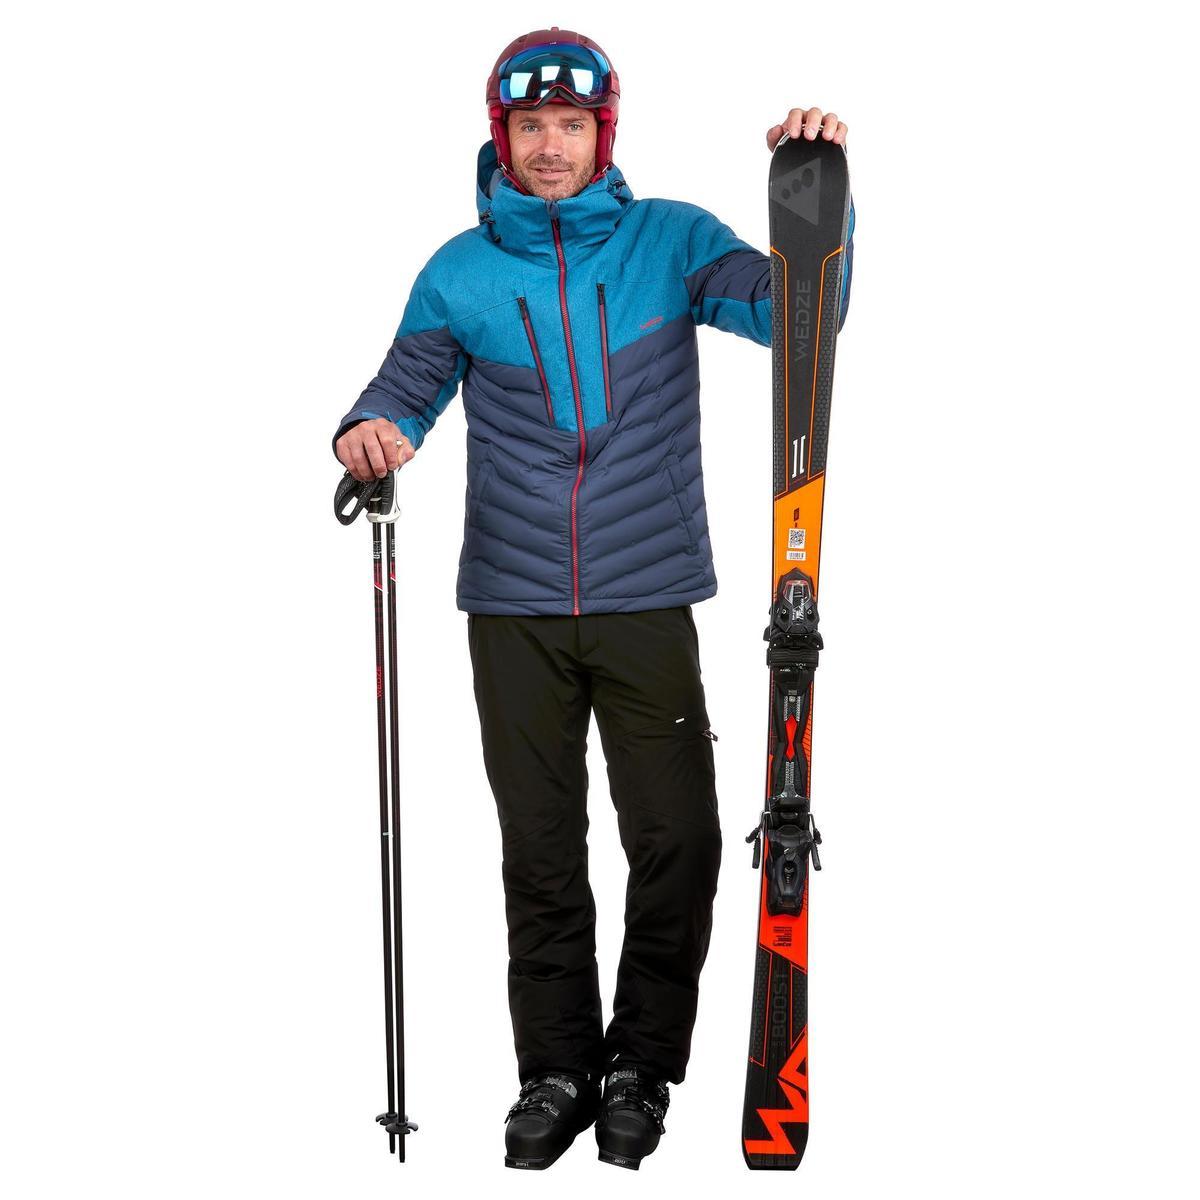 Bild 2 von Skijacke Piste 900 Warm Herren marineblau